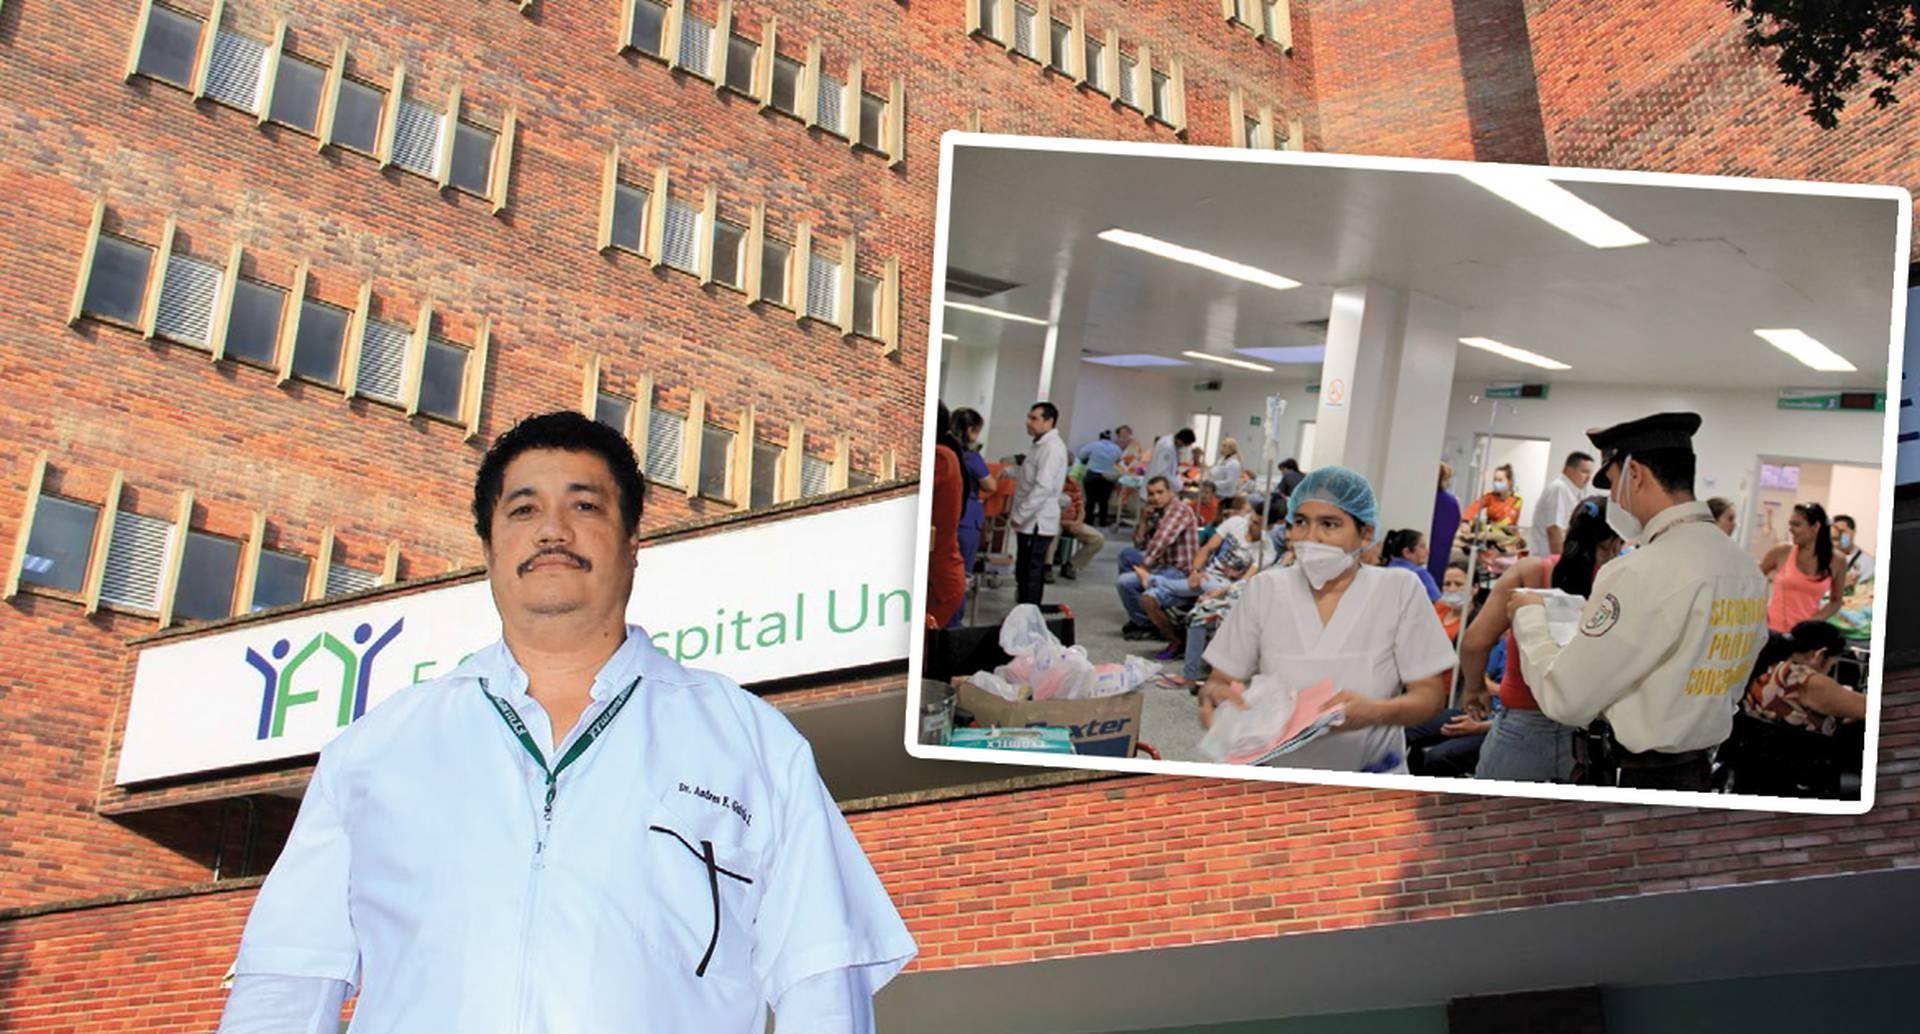 Al jefe de urgencias del Hospital Erasmo Meoz, Andrés Galvis, el virus del chikungunya le duplicó los pacientes. Cientos de personas se agolpan en las clínicas de Cúcuta por cuenta de esta enfermedad.